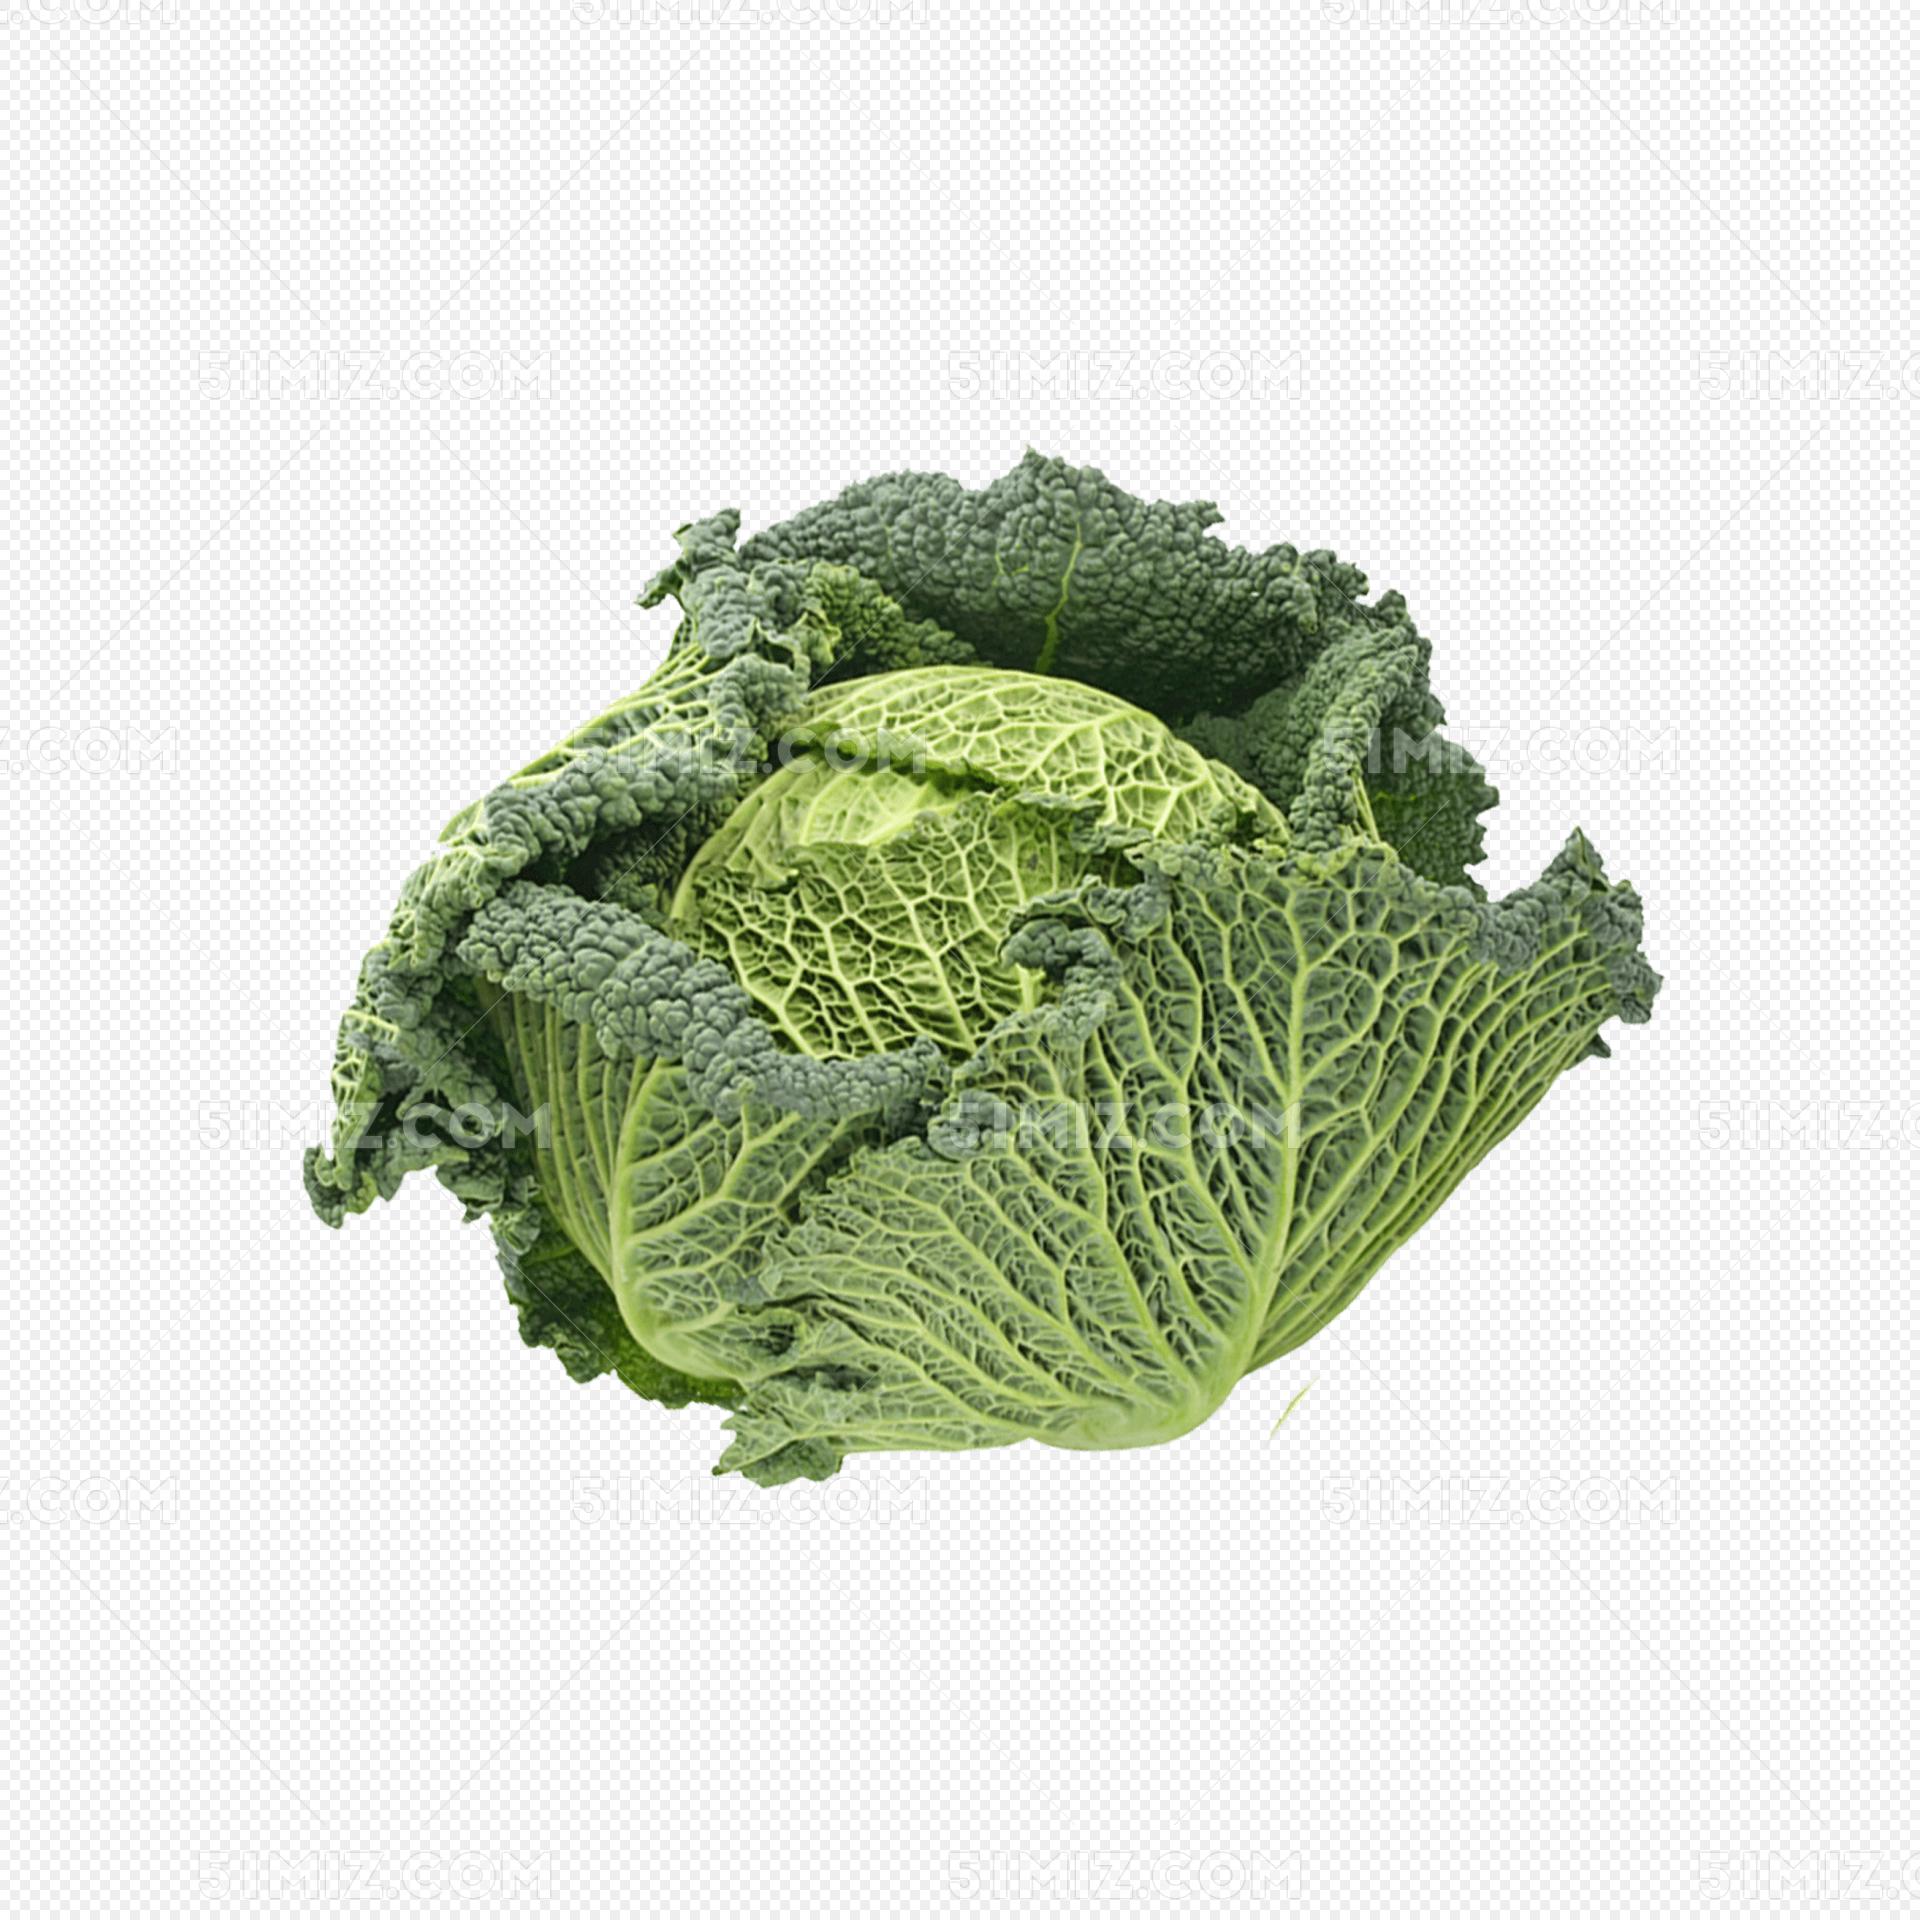 新鲜的包菜蔬菜